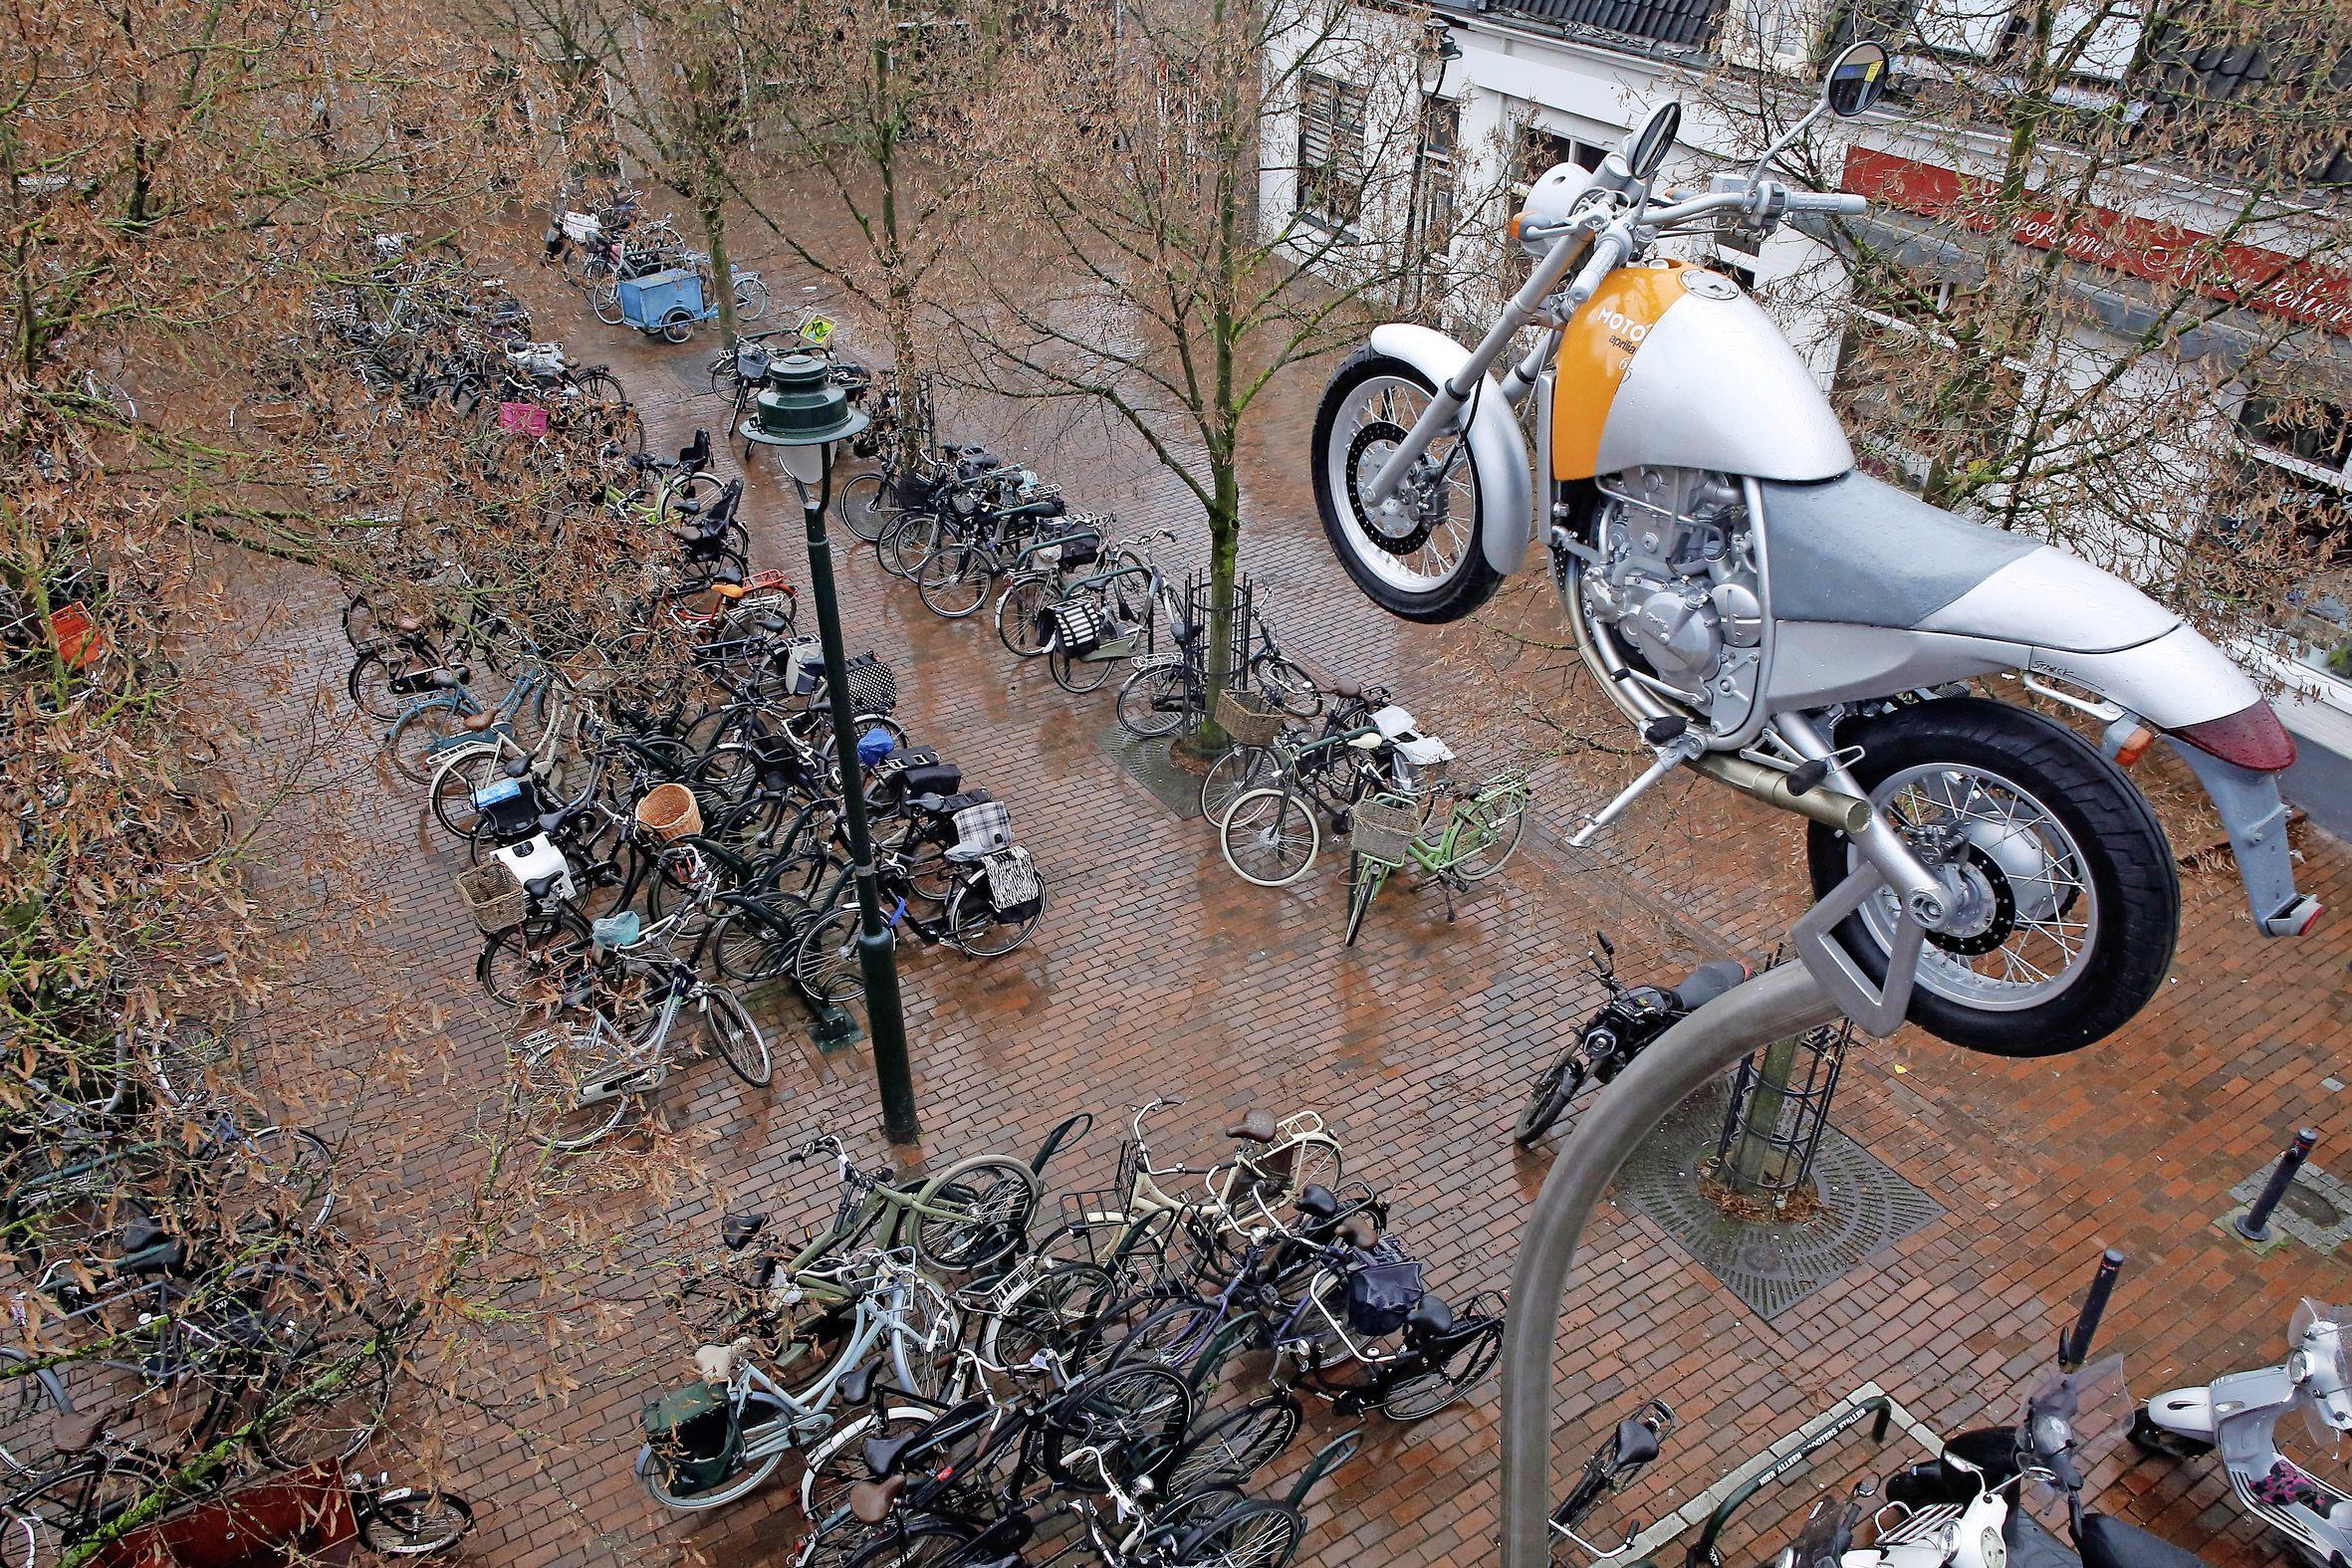 Kunst in openbare ruimte moet prominentere plek krijgen in Hilversum